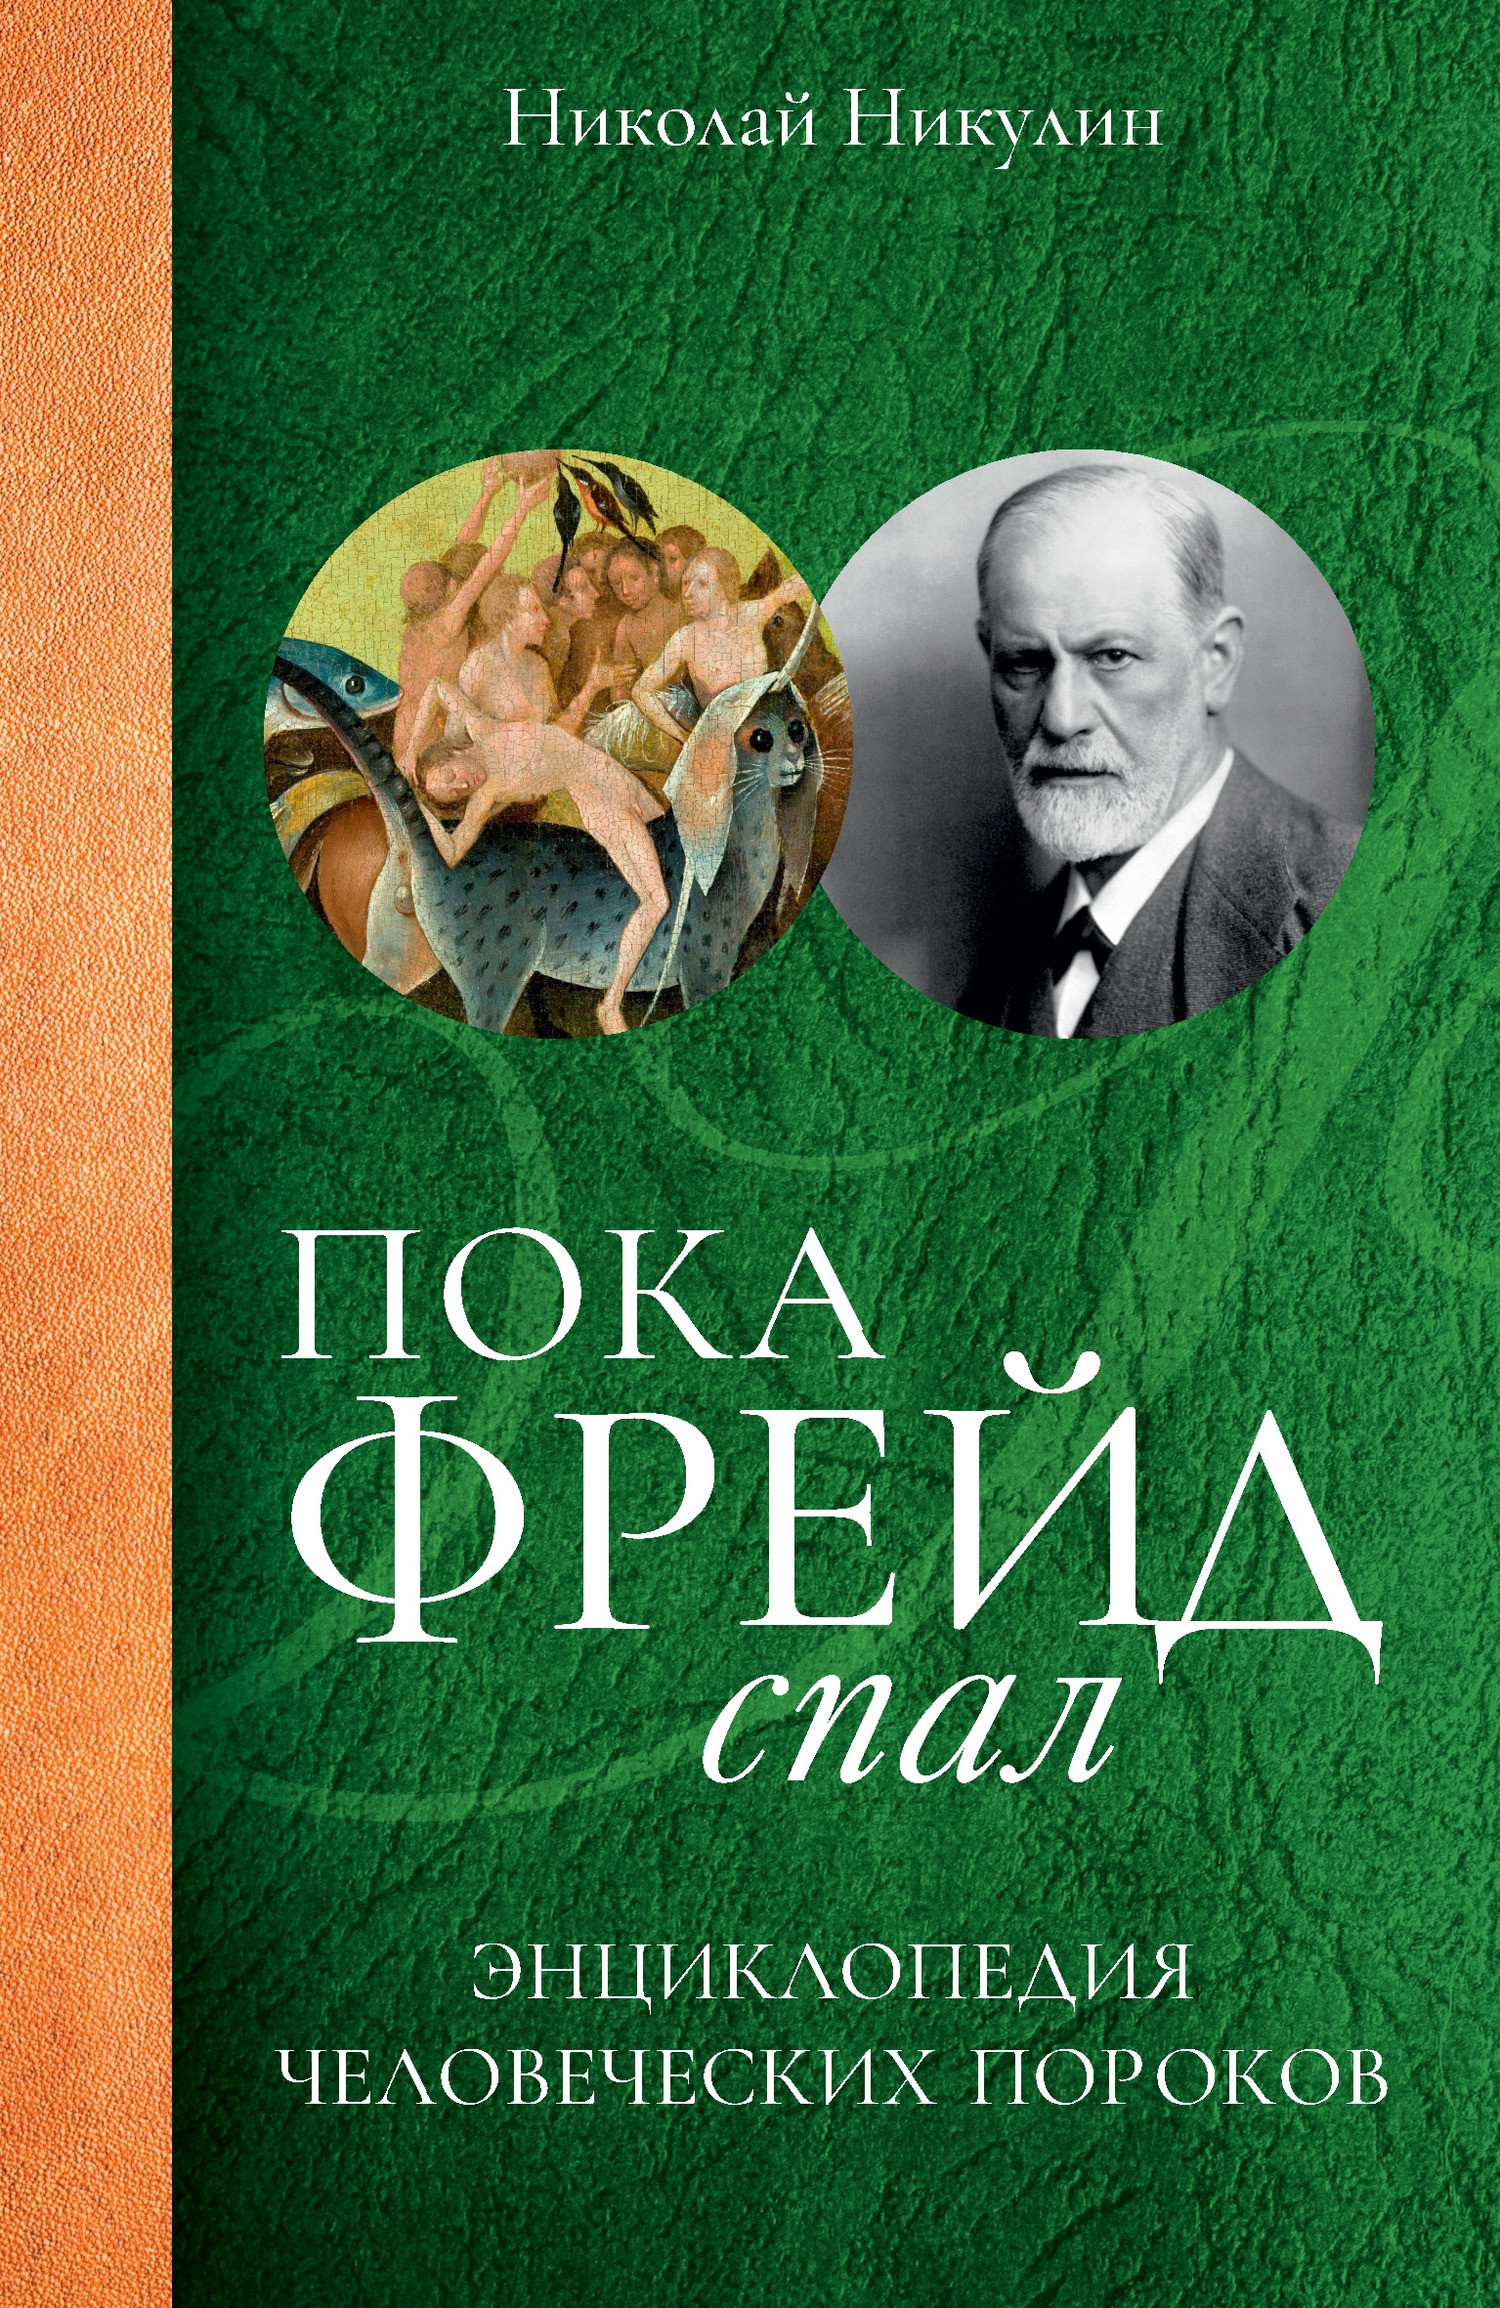 Николай Никулин - Пока Фрейд спал. Энциклопедия человеческих пороков